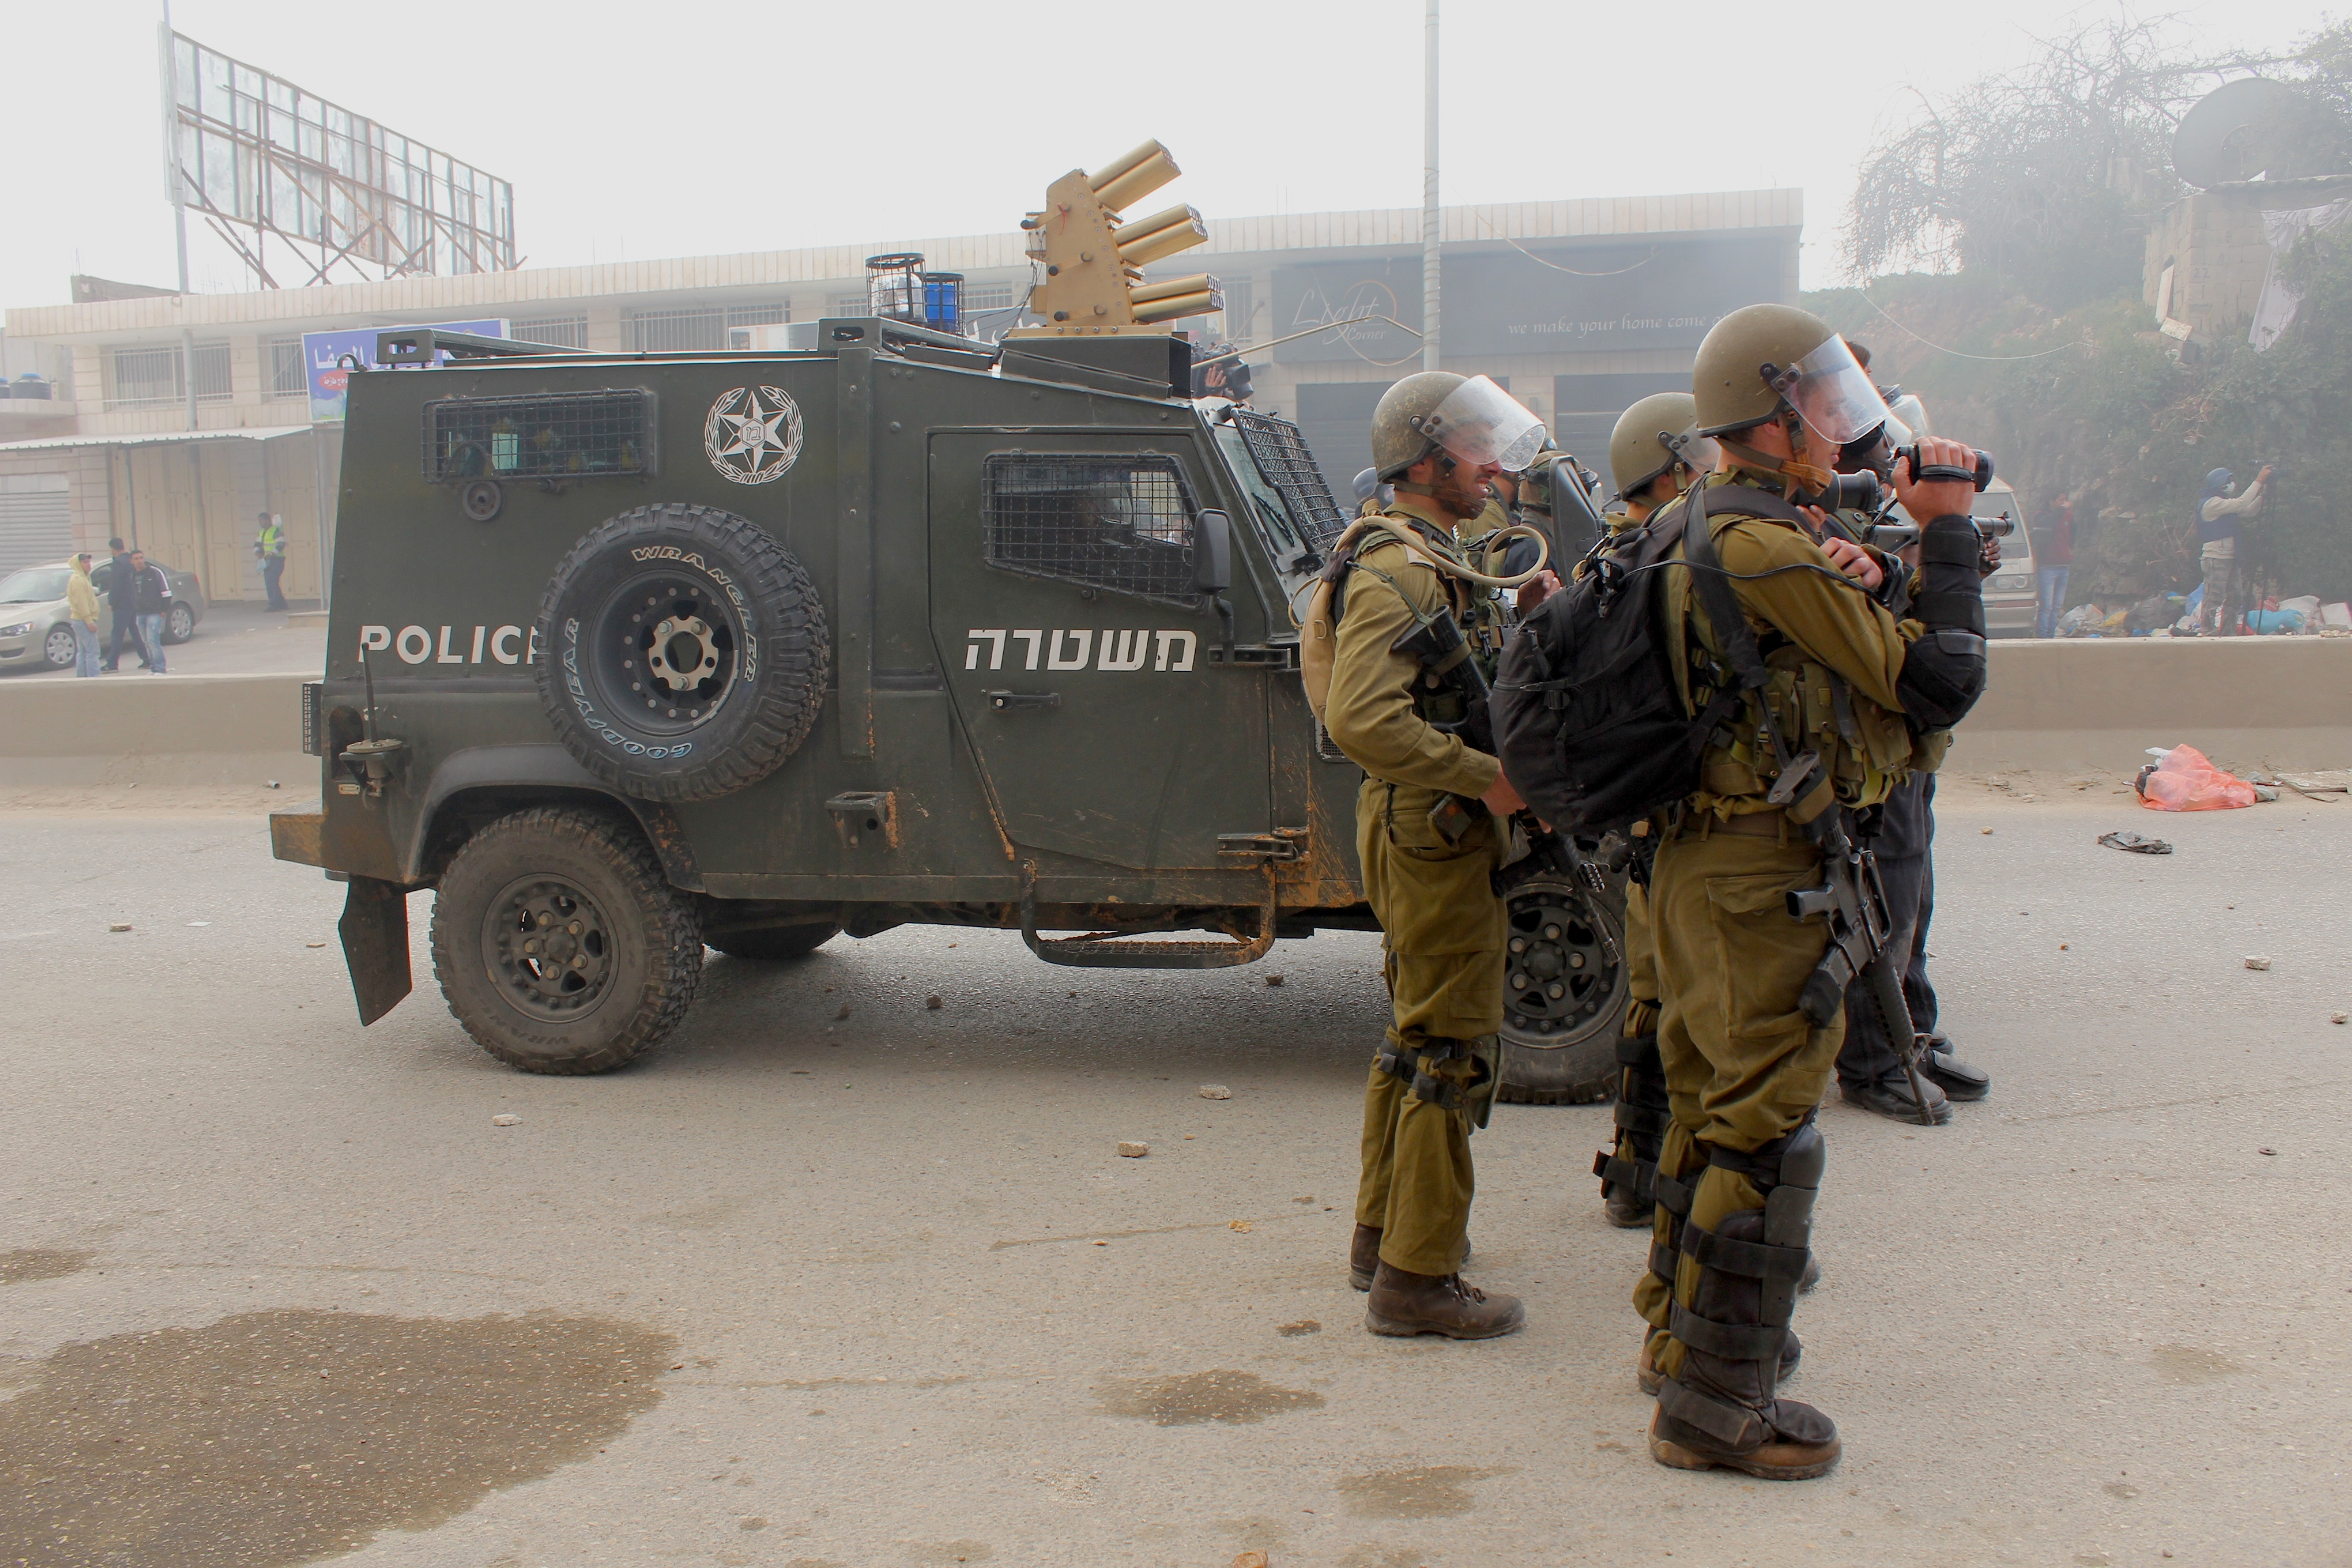 Des soldats israéliens lançant des gaz lacrymogènes sur les manifestants palestiniens. Qalandia checkpoint, mars 2011 www.merblanche.com all rights reserved